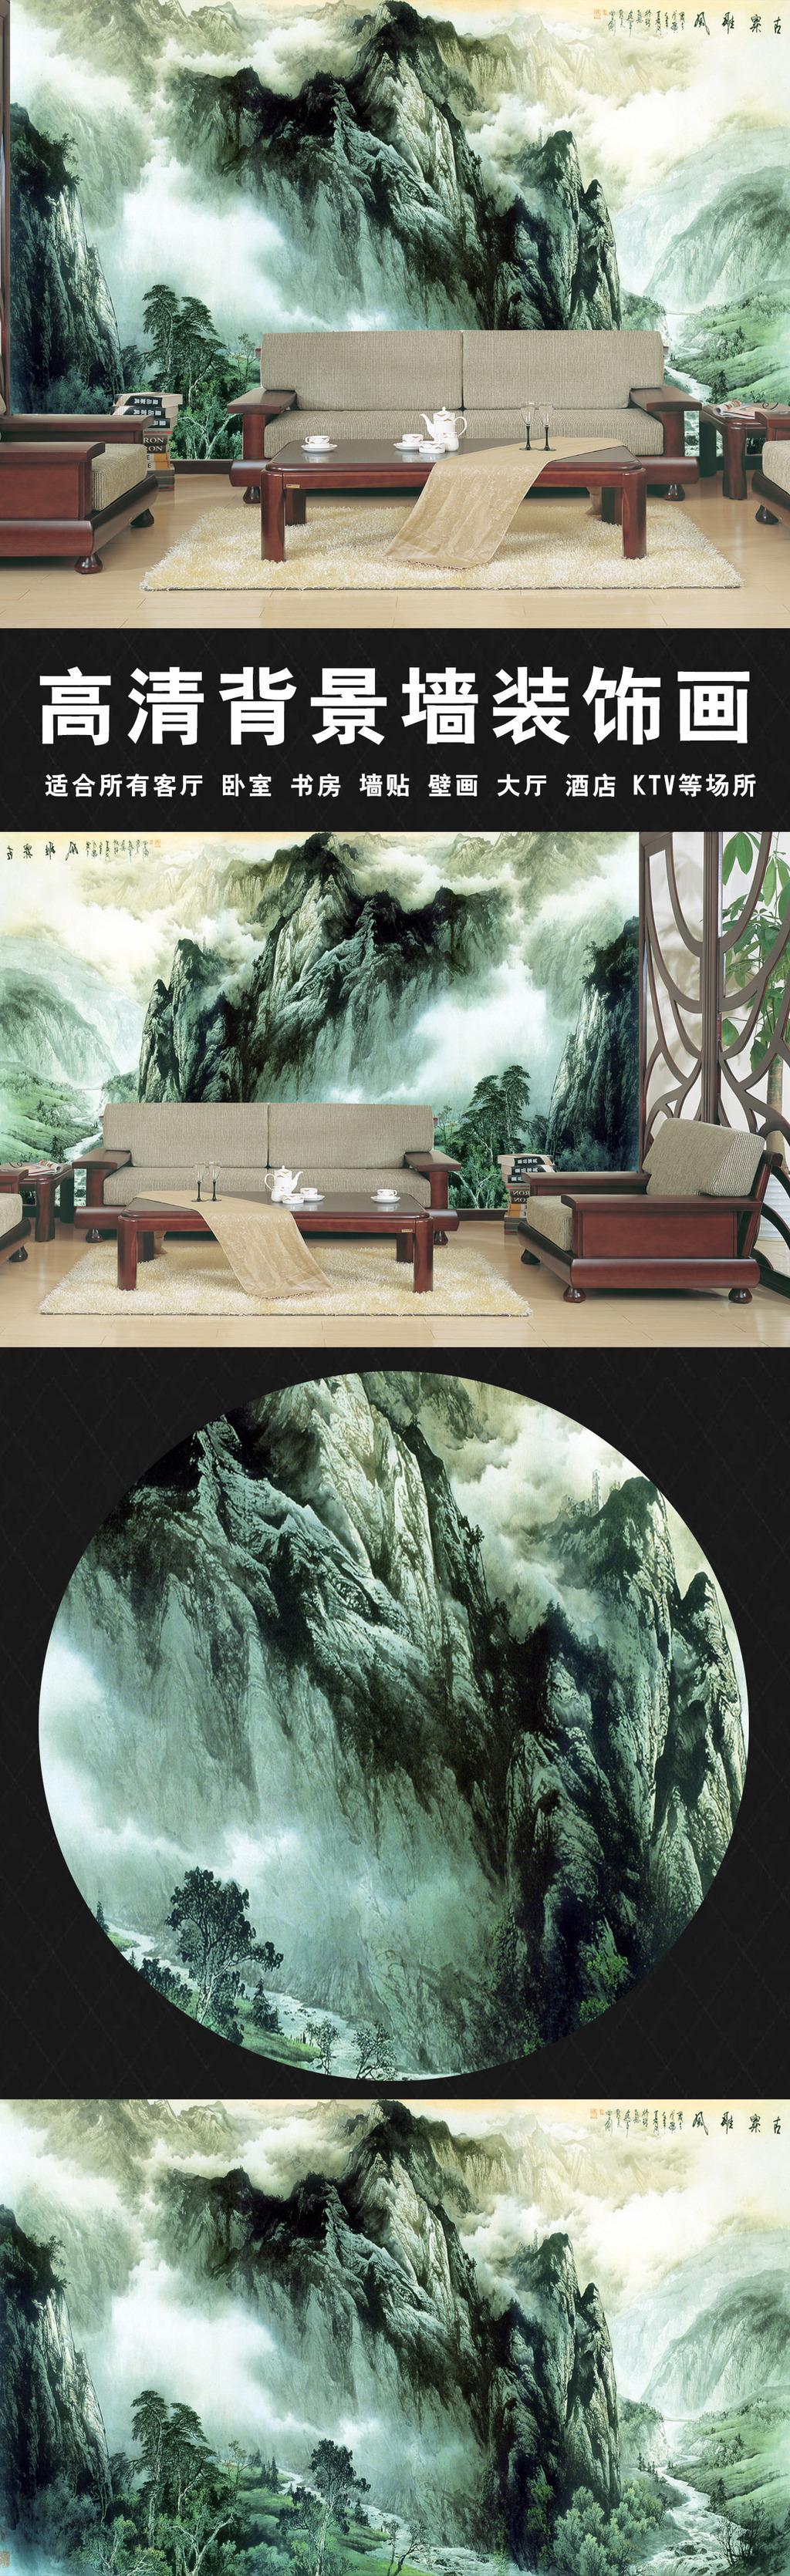 山水画中式电视背景墙图片